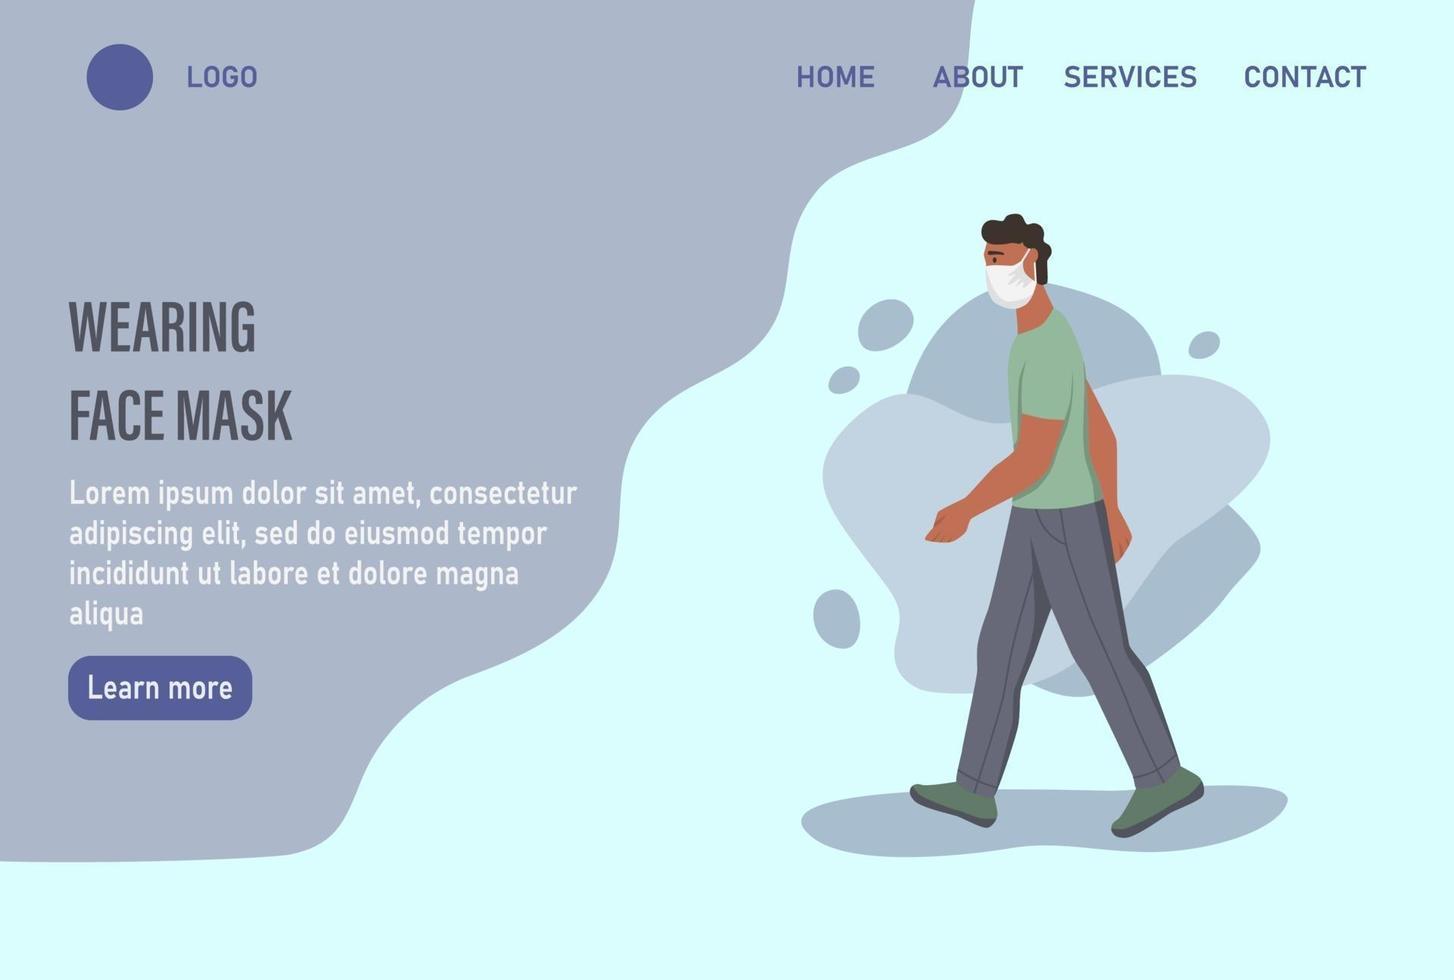 modelo de página da web de destino da página inicial do site. vetor